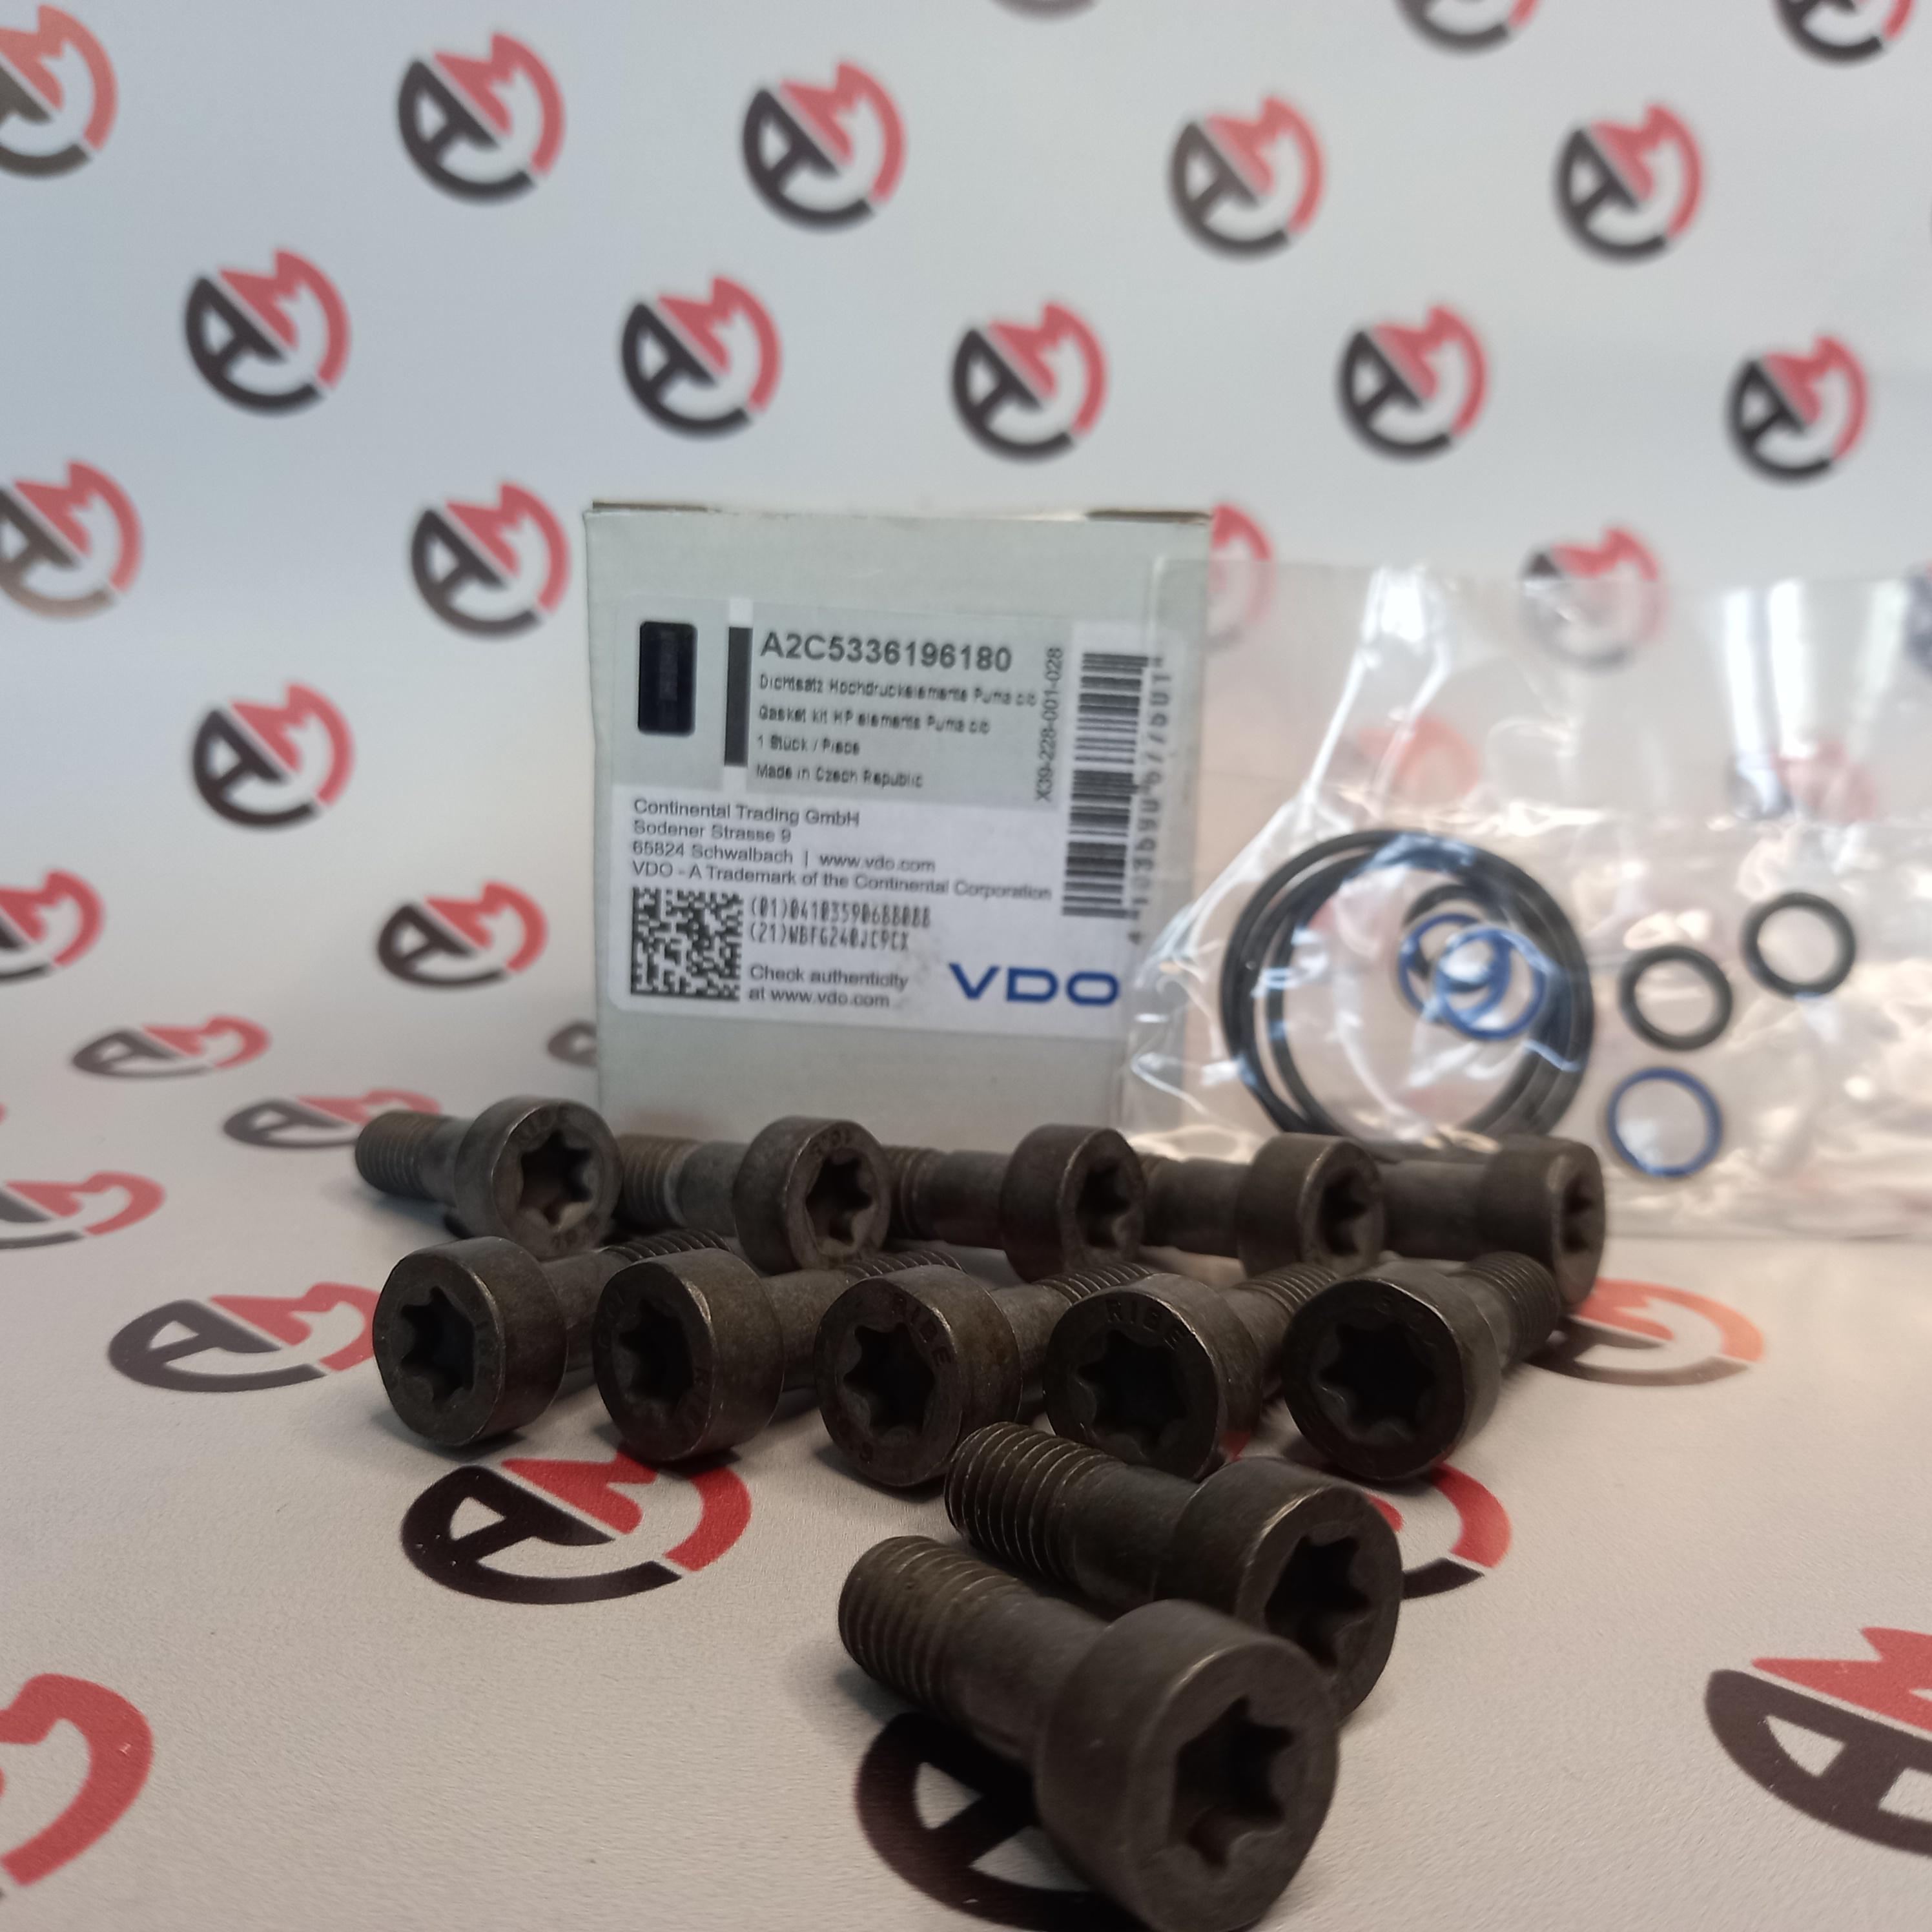 Ремкомплект плунжерной пары VDO A2C5336196180